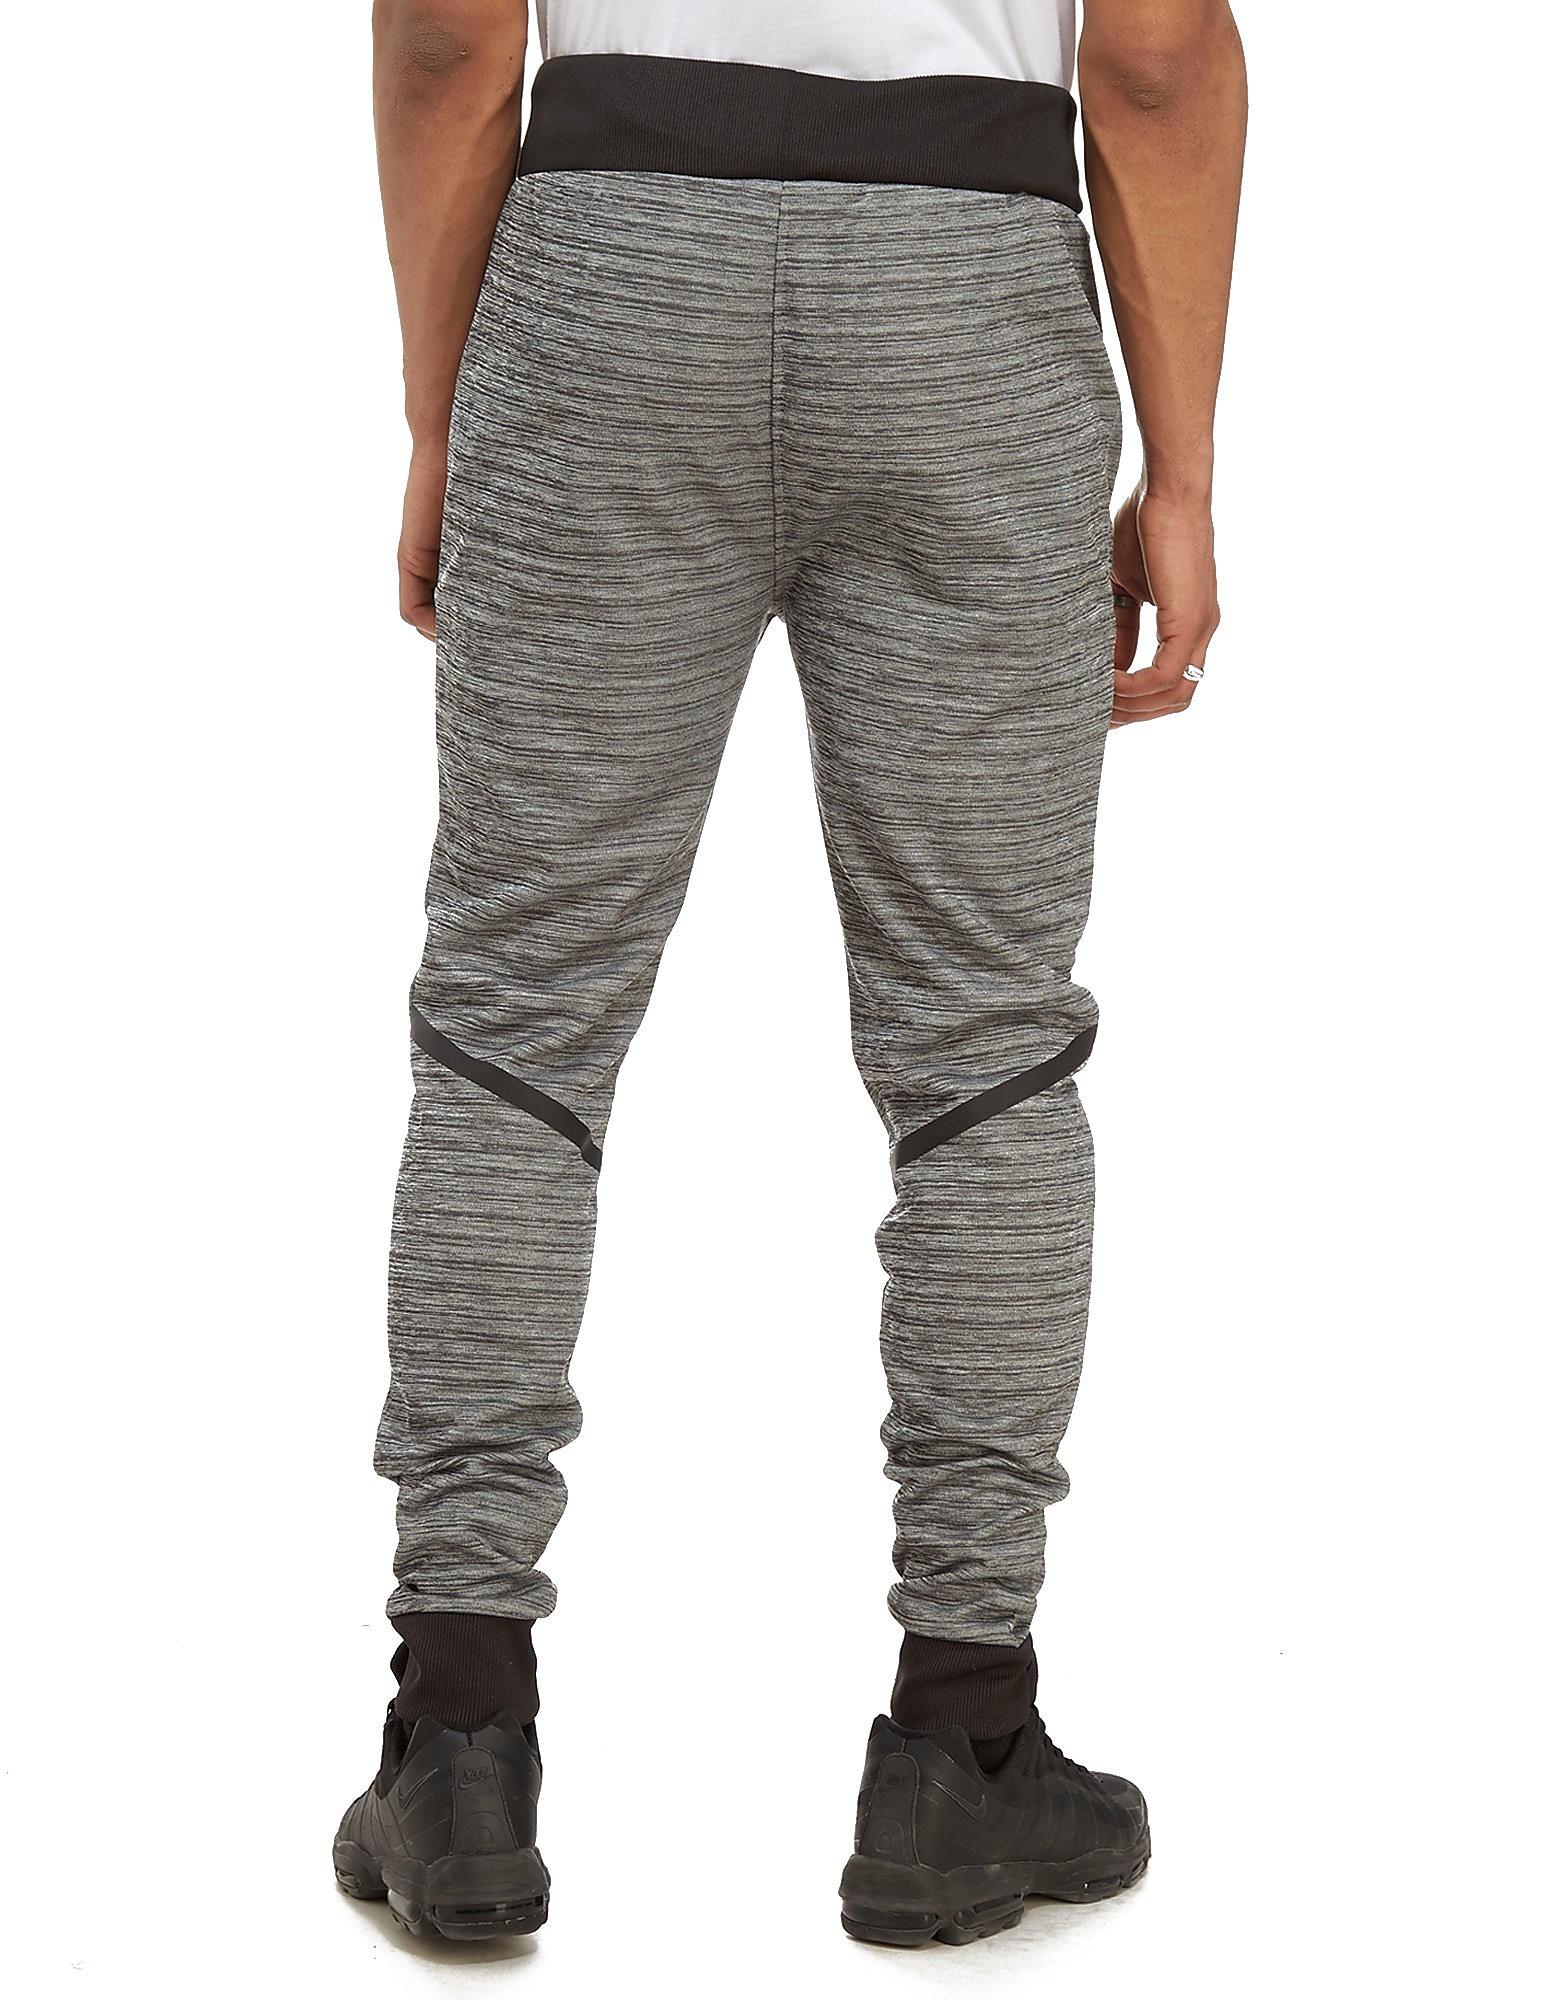 Align Hurricane Pantaloni